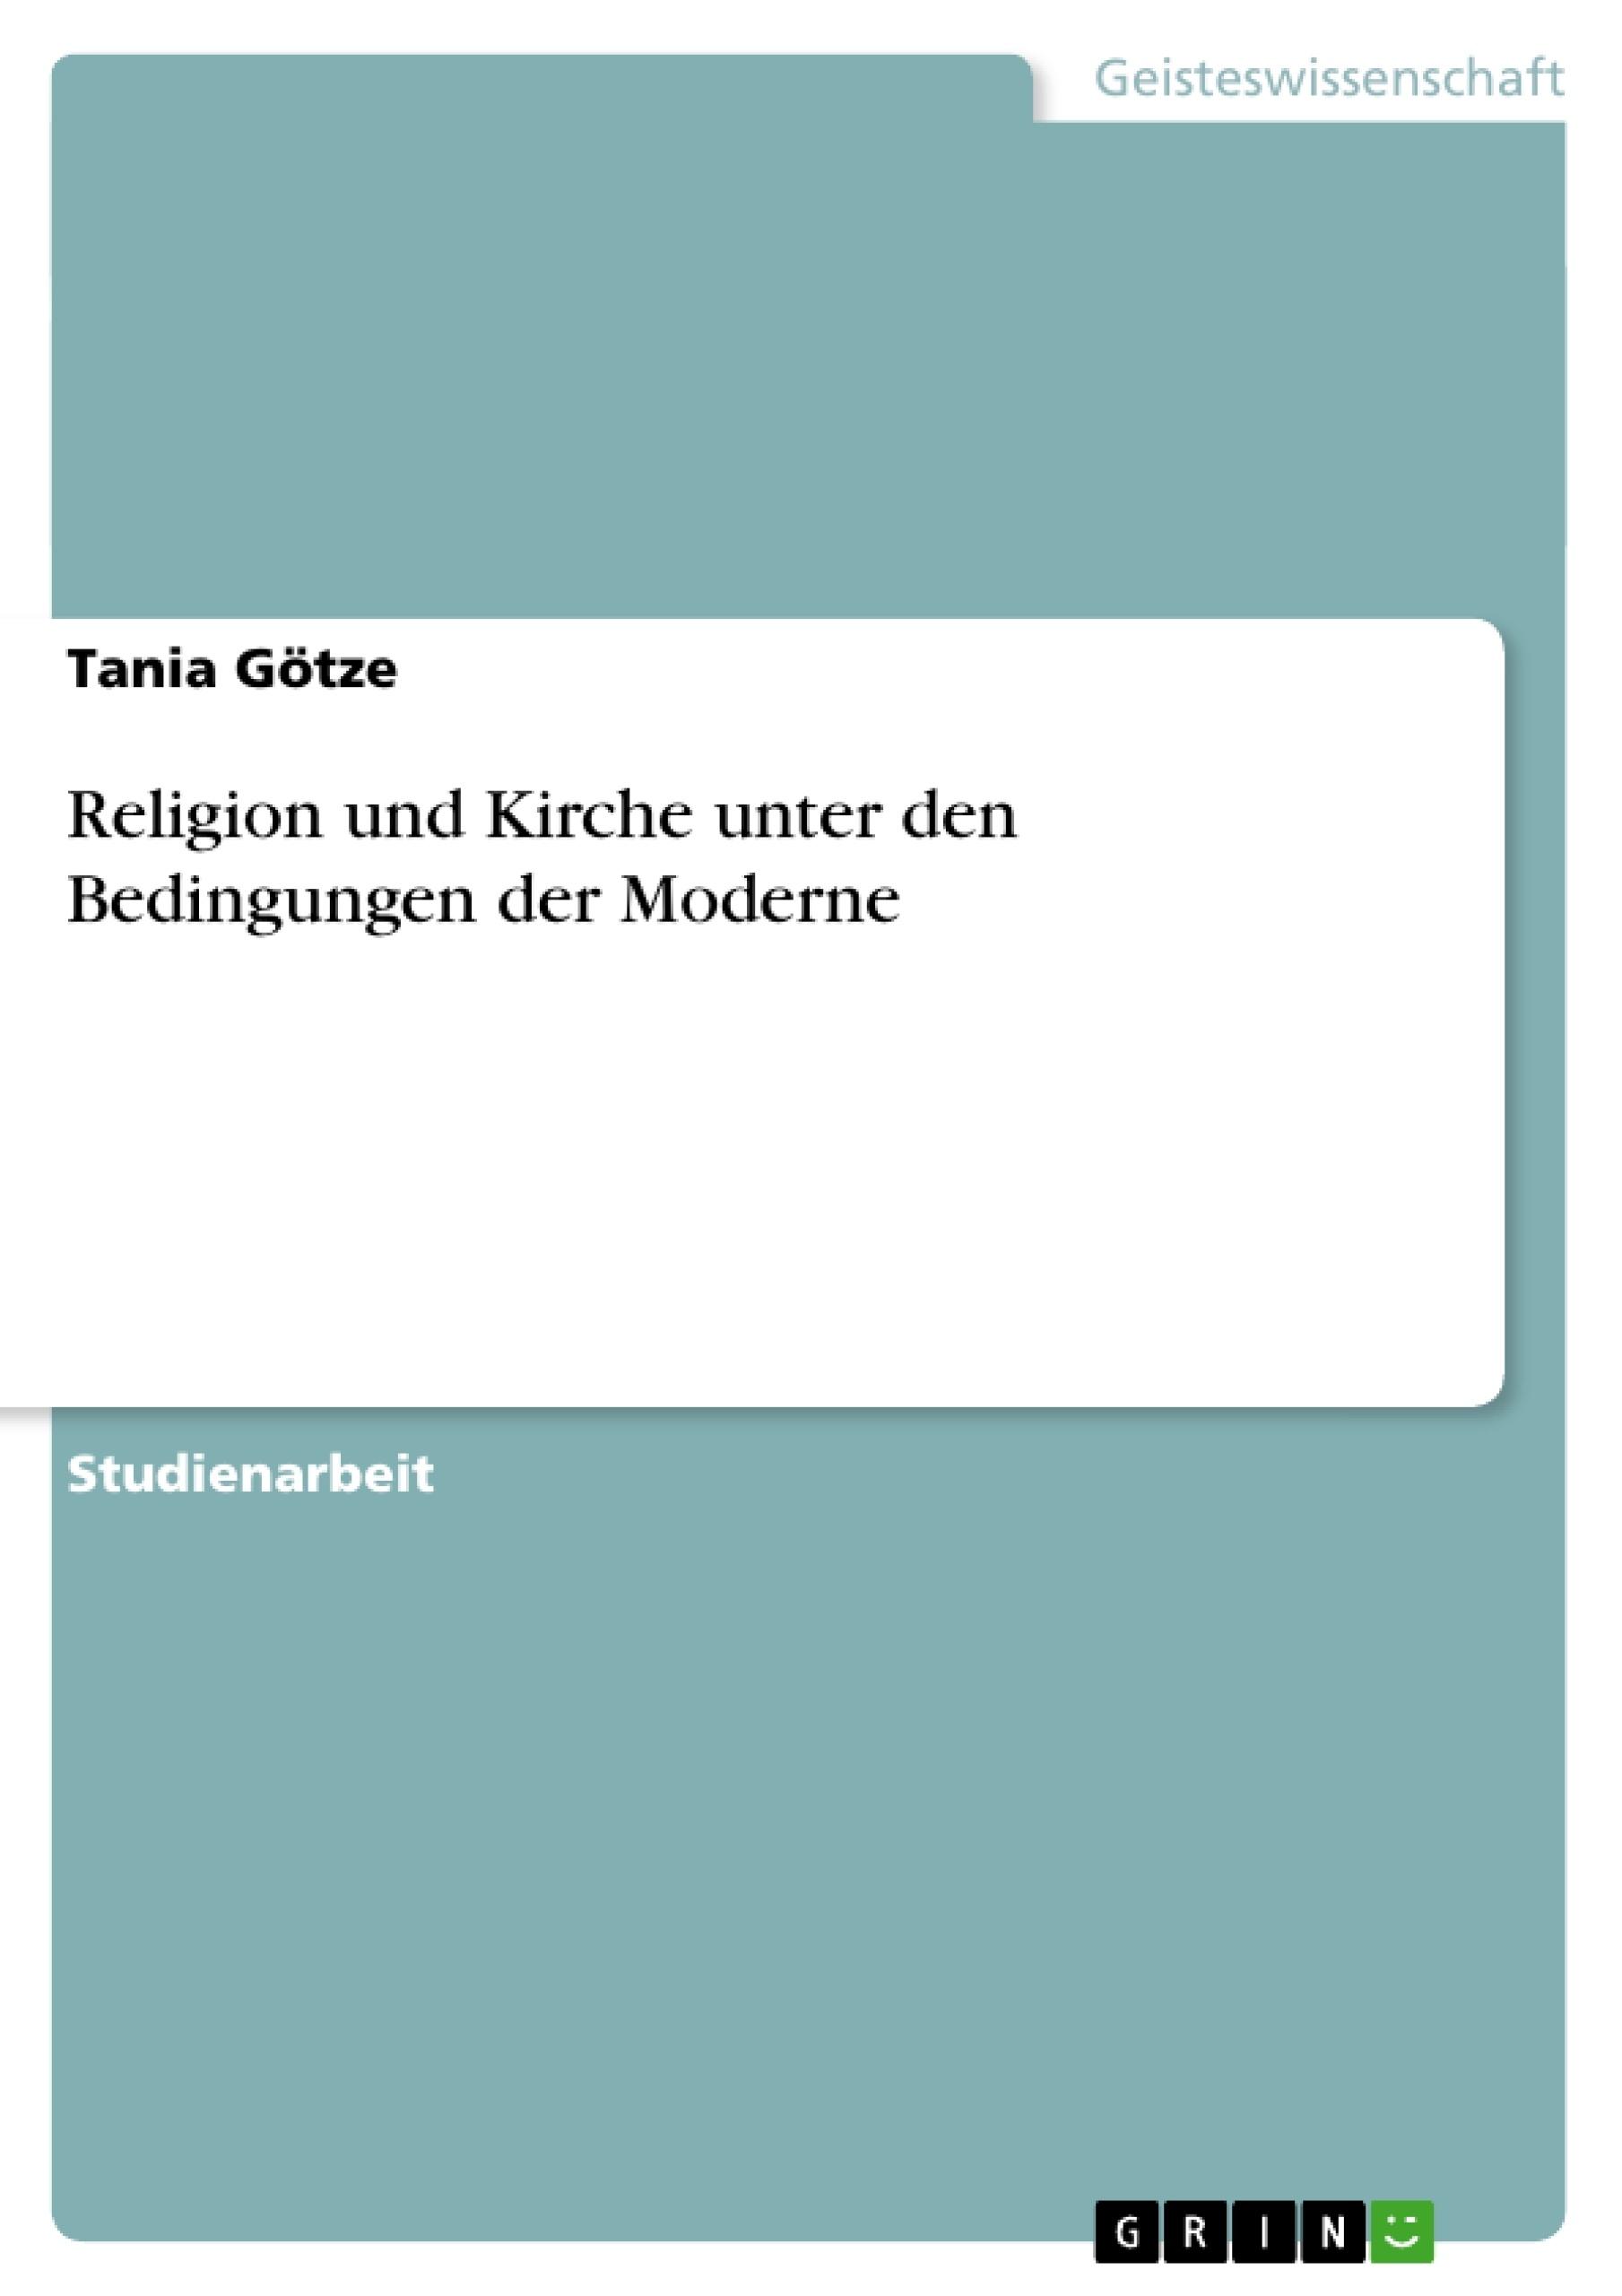 Titel: Religion und Kirche unter den Bedingungen der Moderne